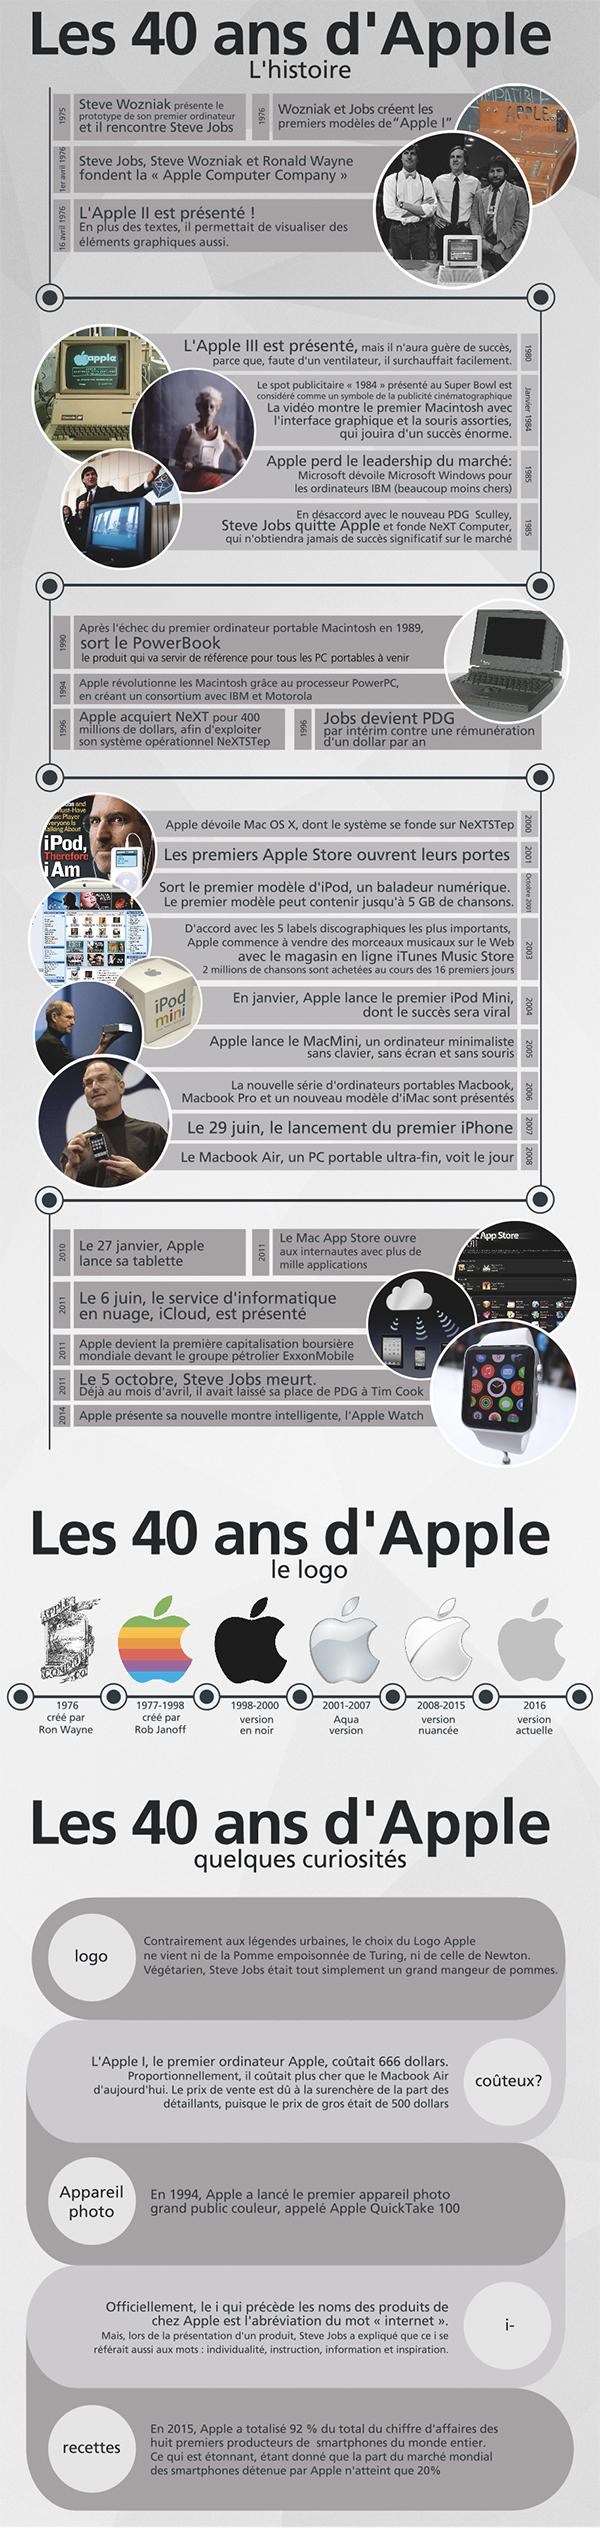 apple-fete-aujourdhui-40-ans_3